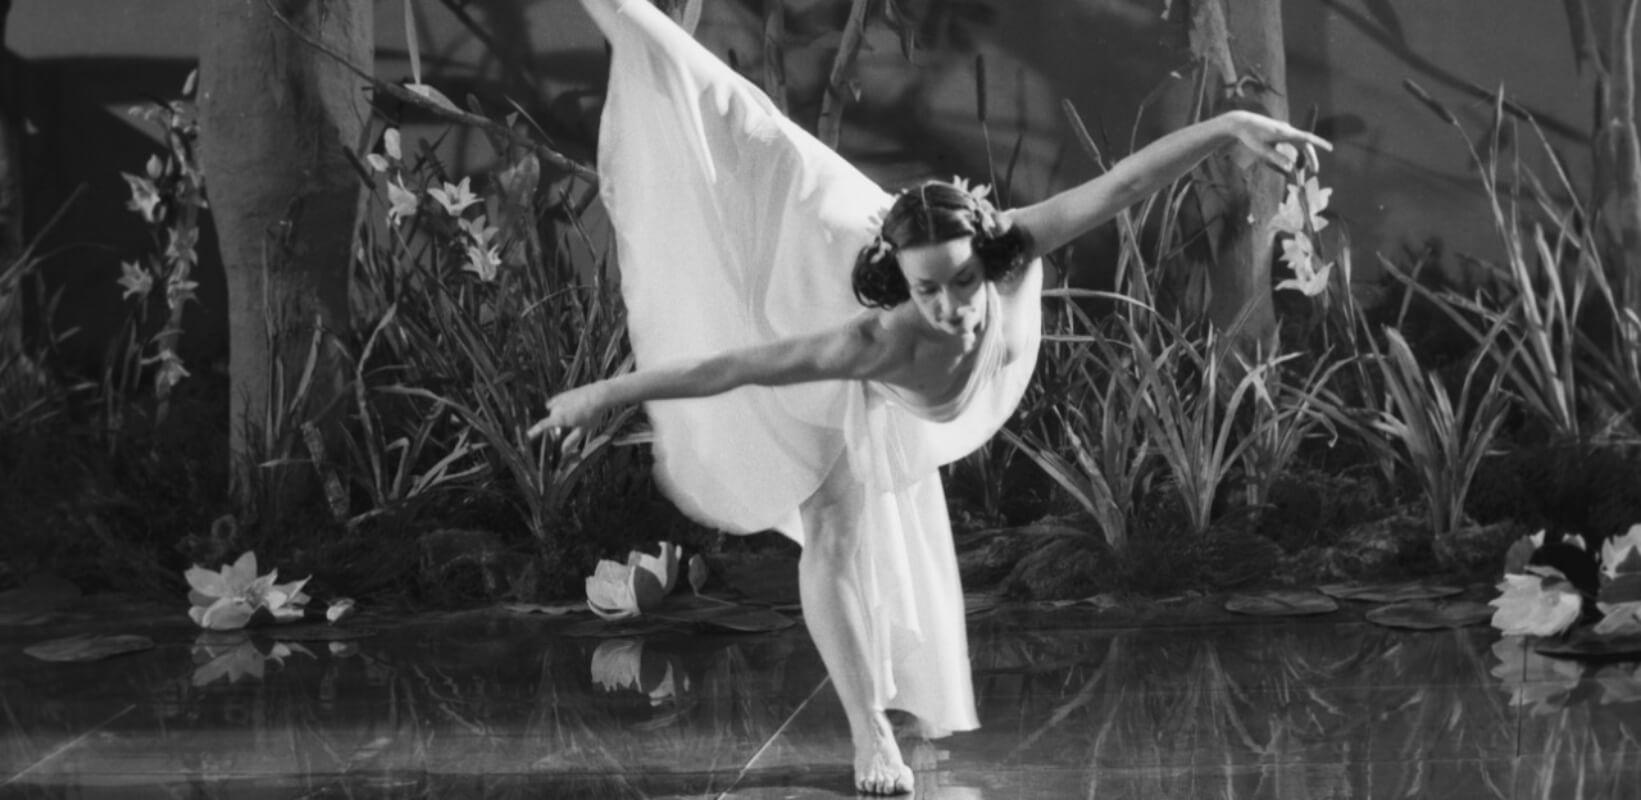 Львівська балерина Барбара Бітнерувна на унікальних світлинах